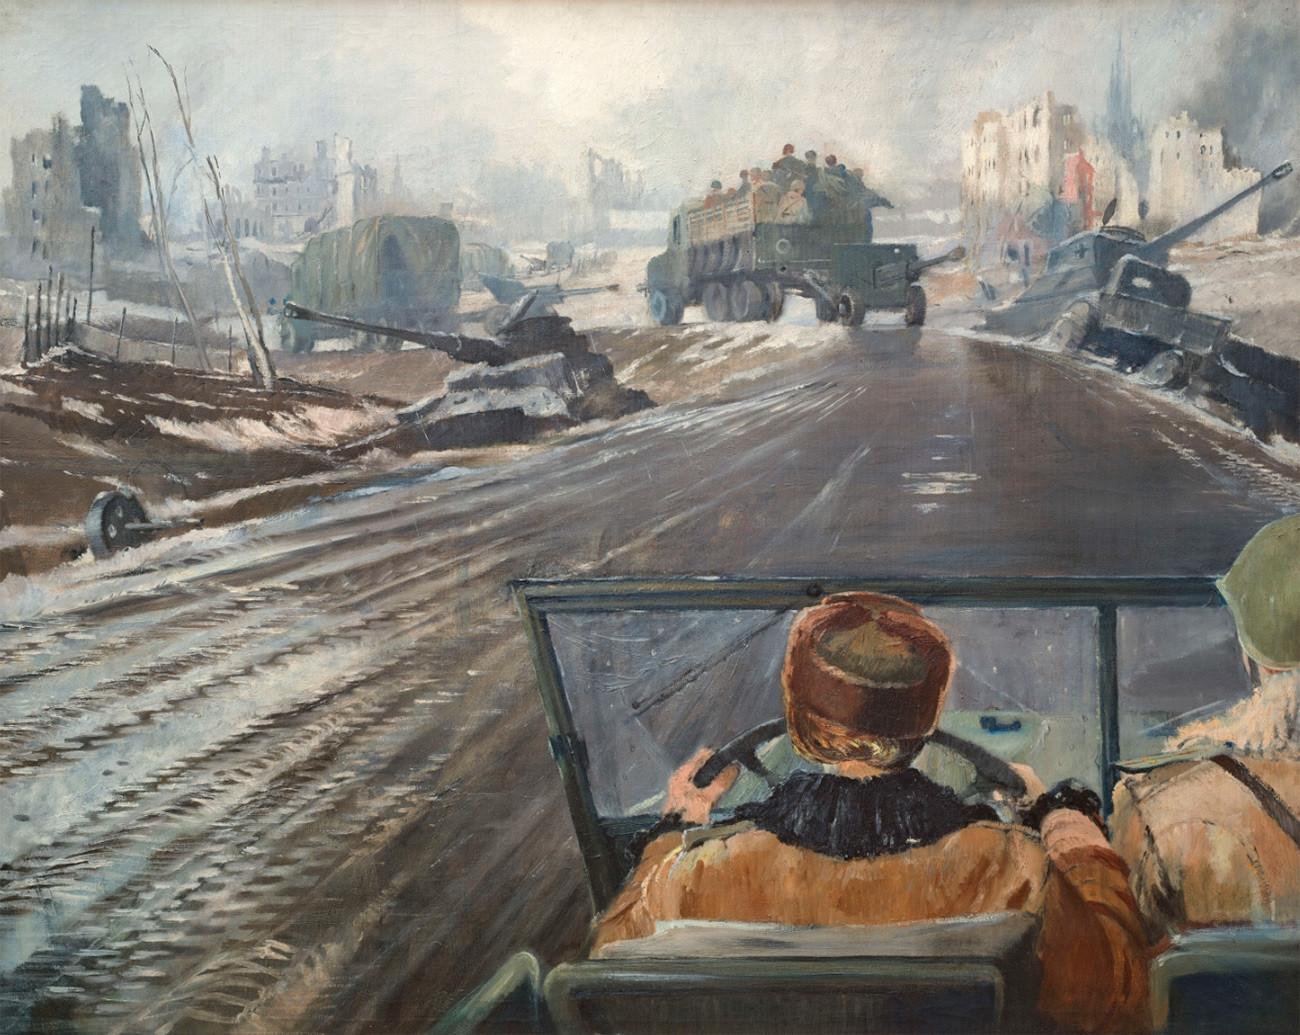 Ю.И.Пименов. Фронтовая дорога. 1944